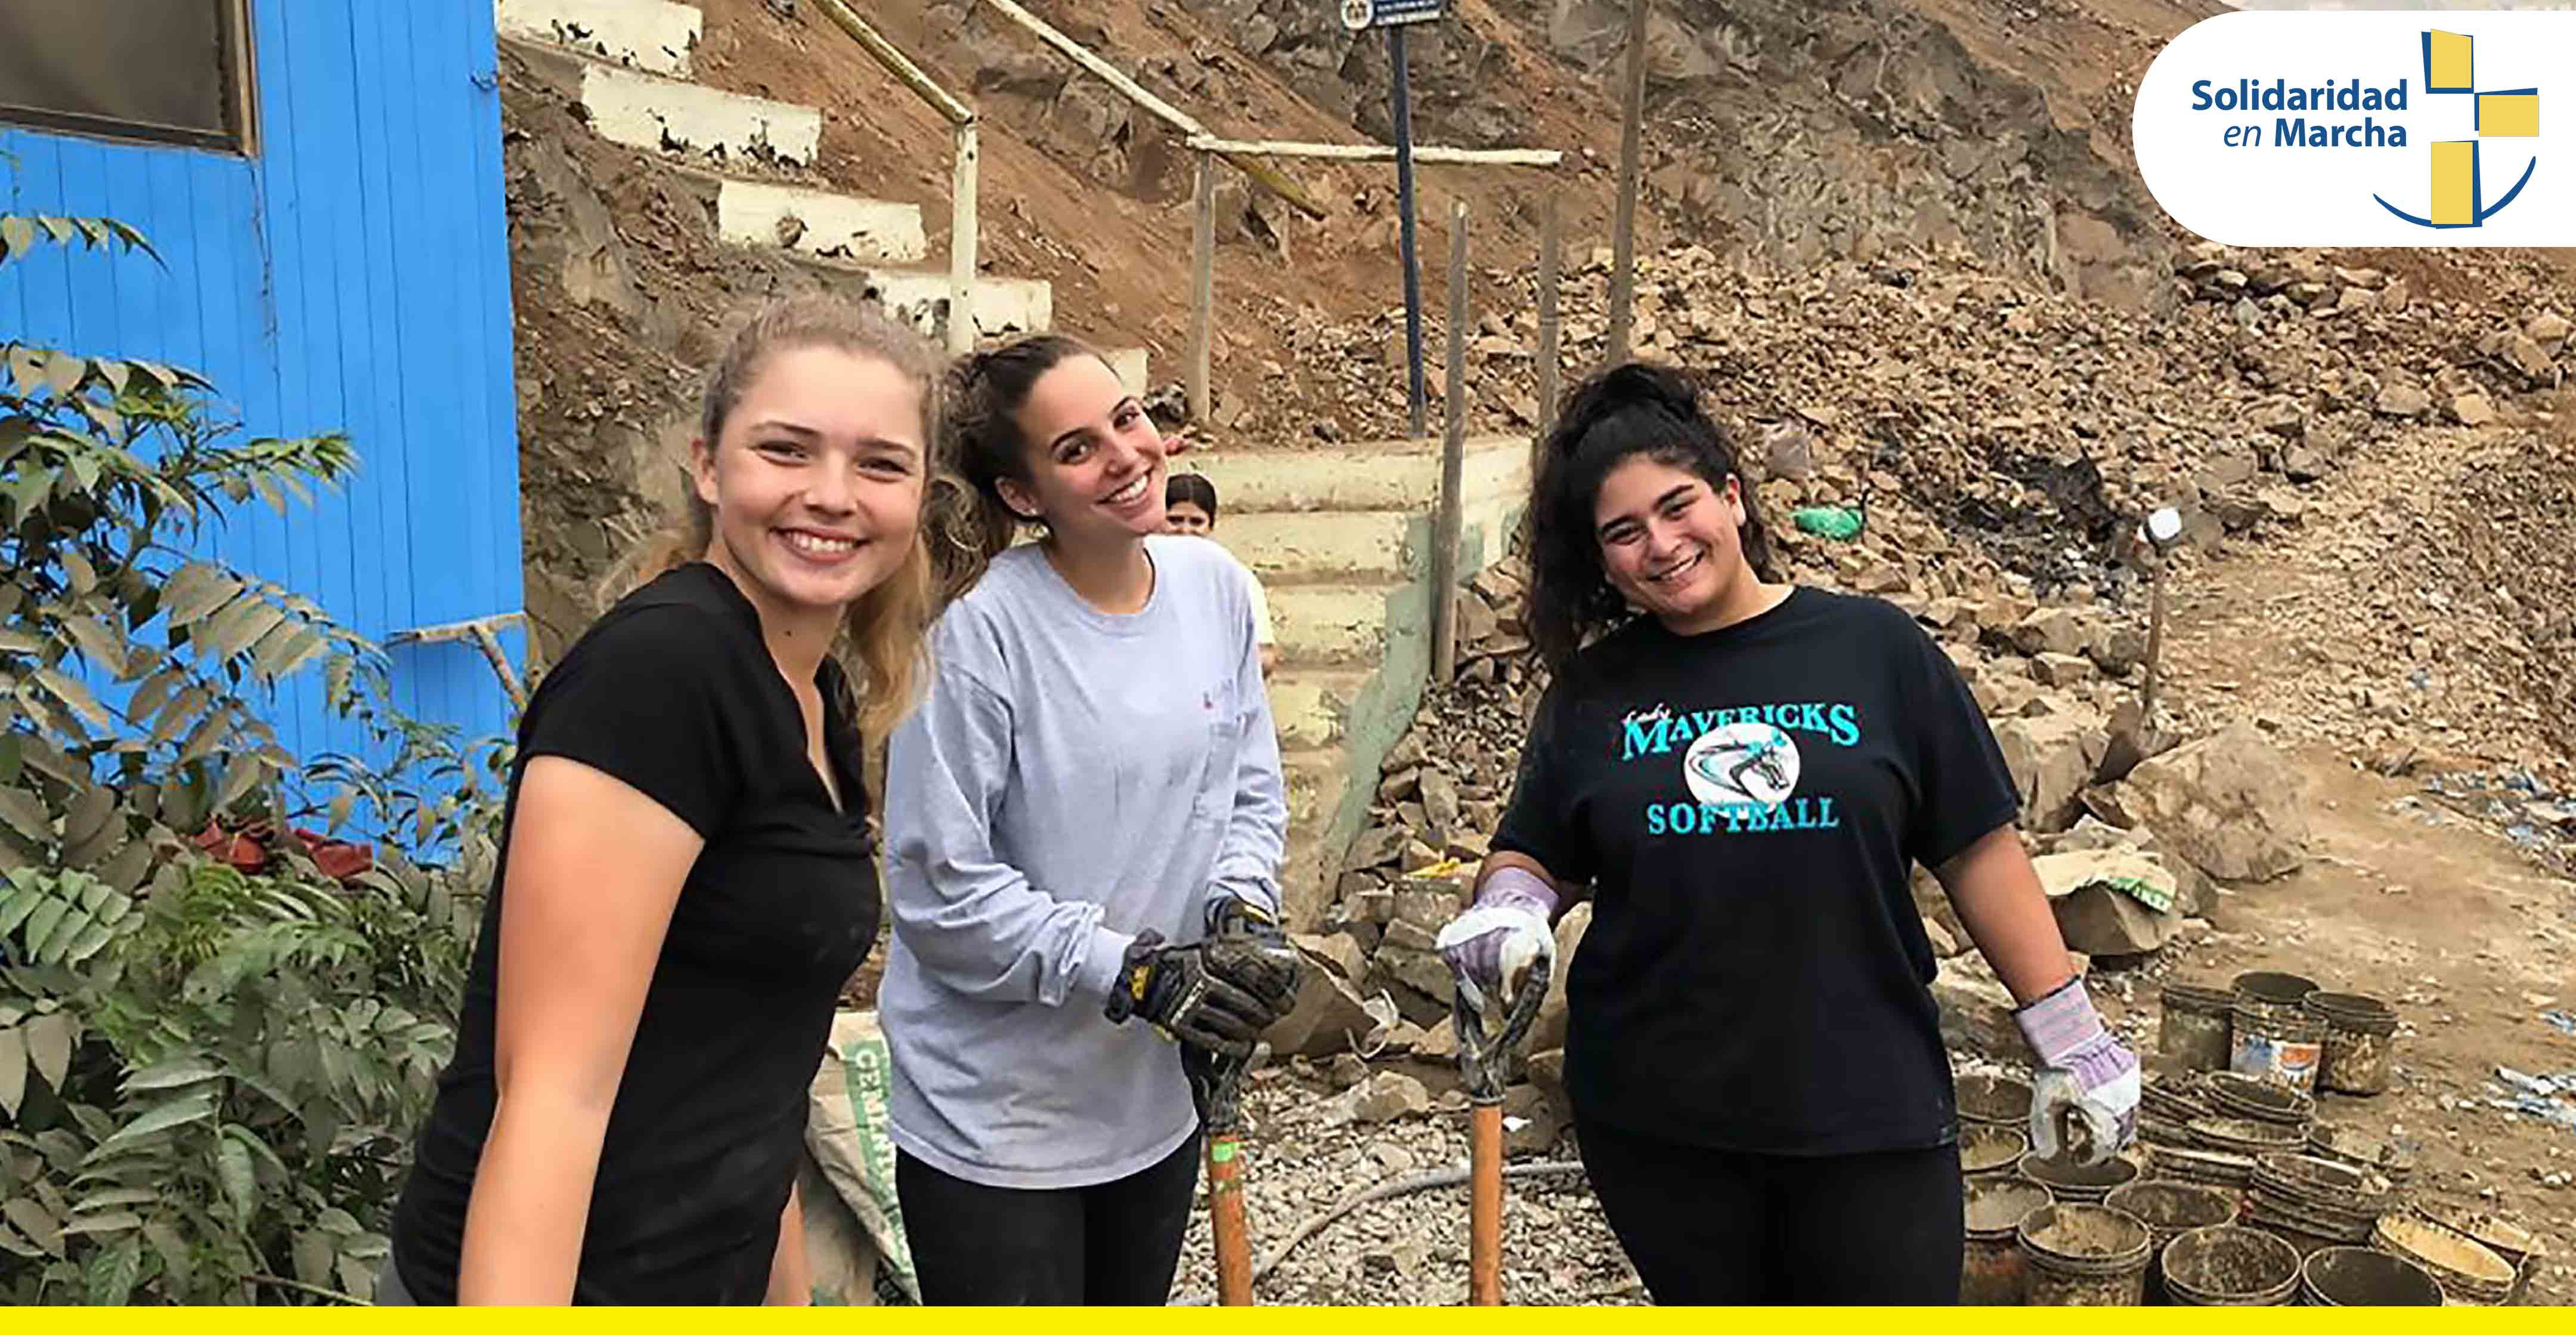 Jóvenes voluntarios de U.S.A. construyen muro de contención en Pamplona Alta